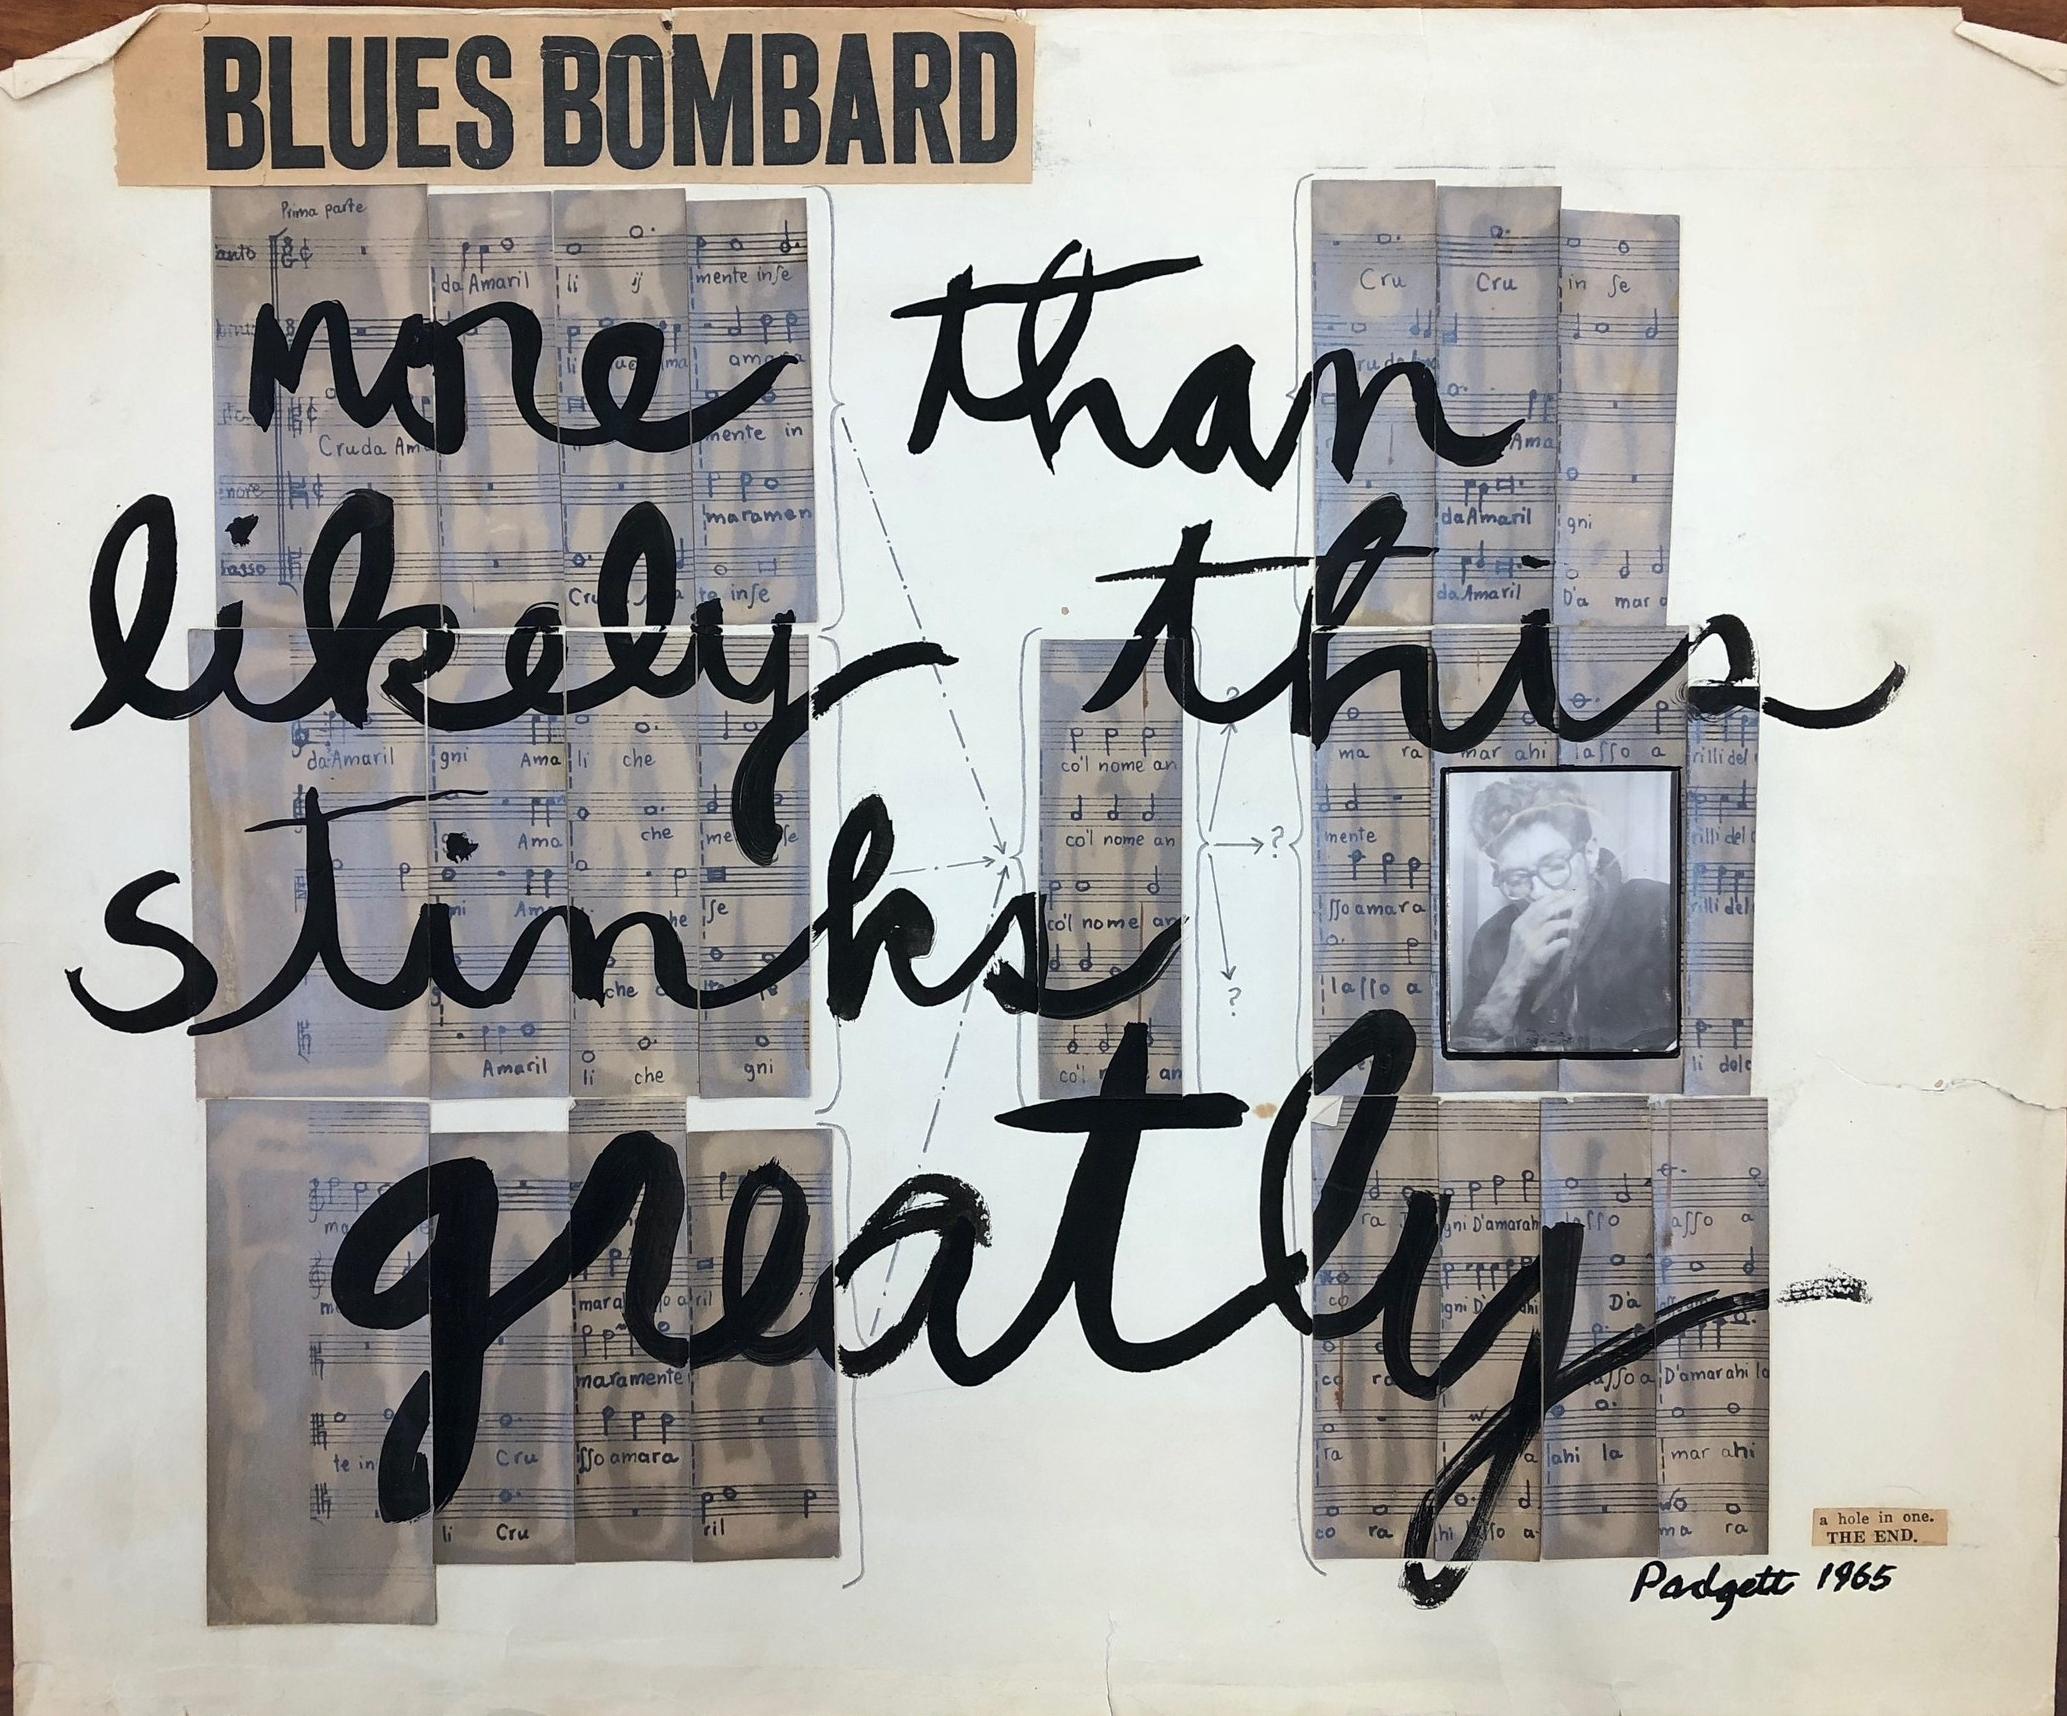 Padgett Blues Bombard.jpg